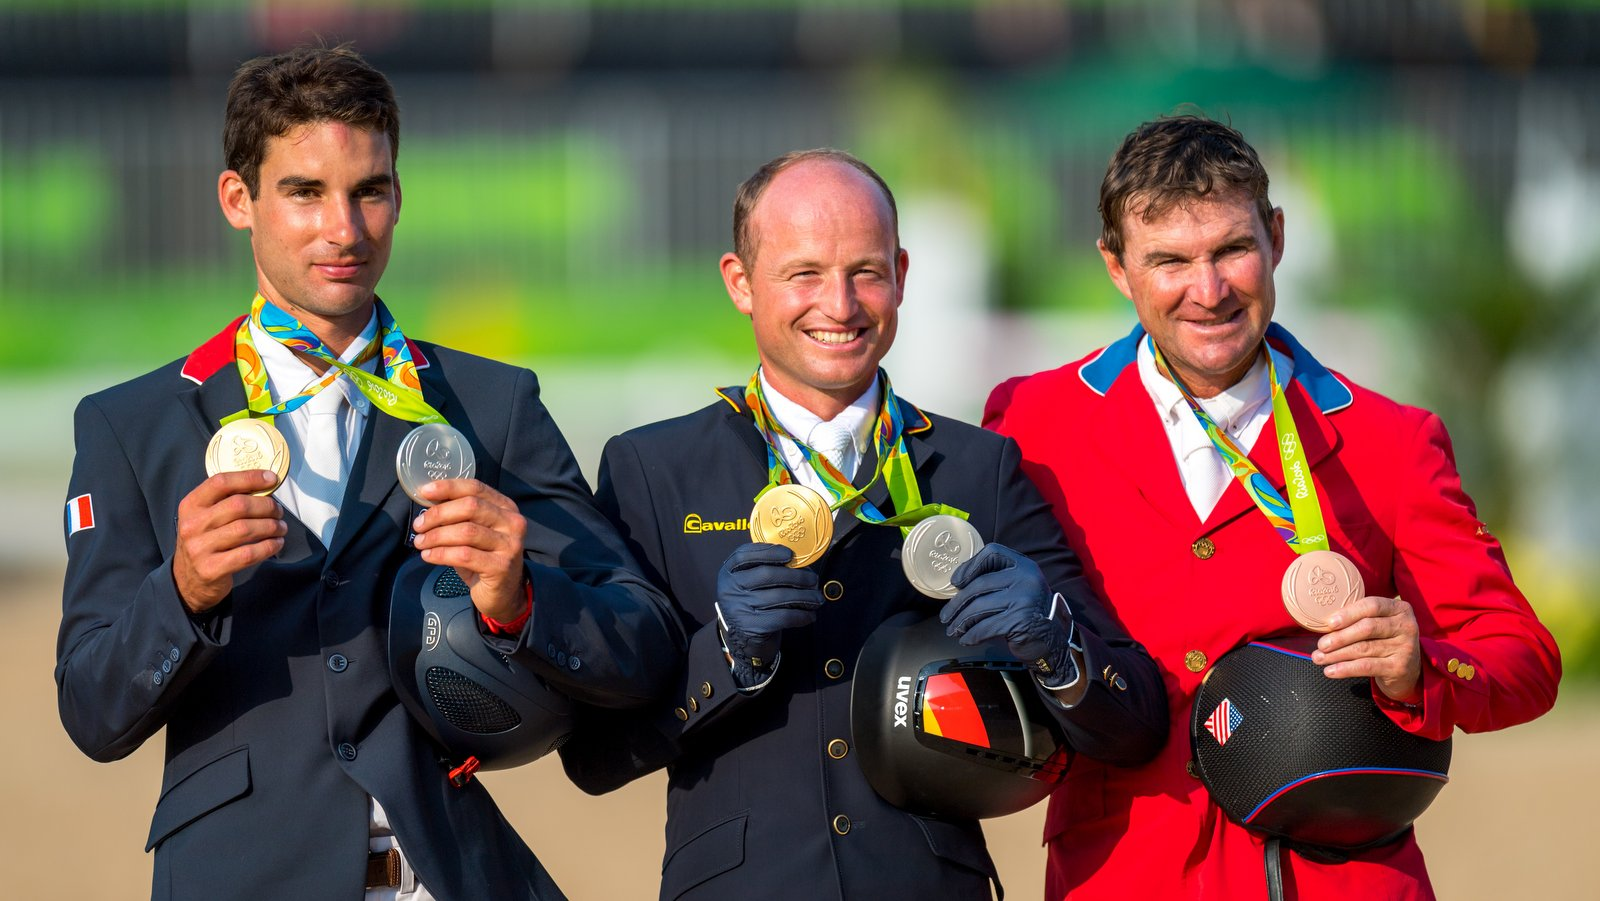 Het individuele podium bij de eventing. Links Nicolas Astier (zilver), midden Michael Jung (goud) en Philip Dutton (brons). foto: FEI | Arnd Bronkhorst